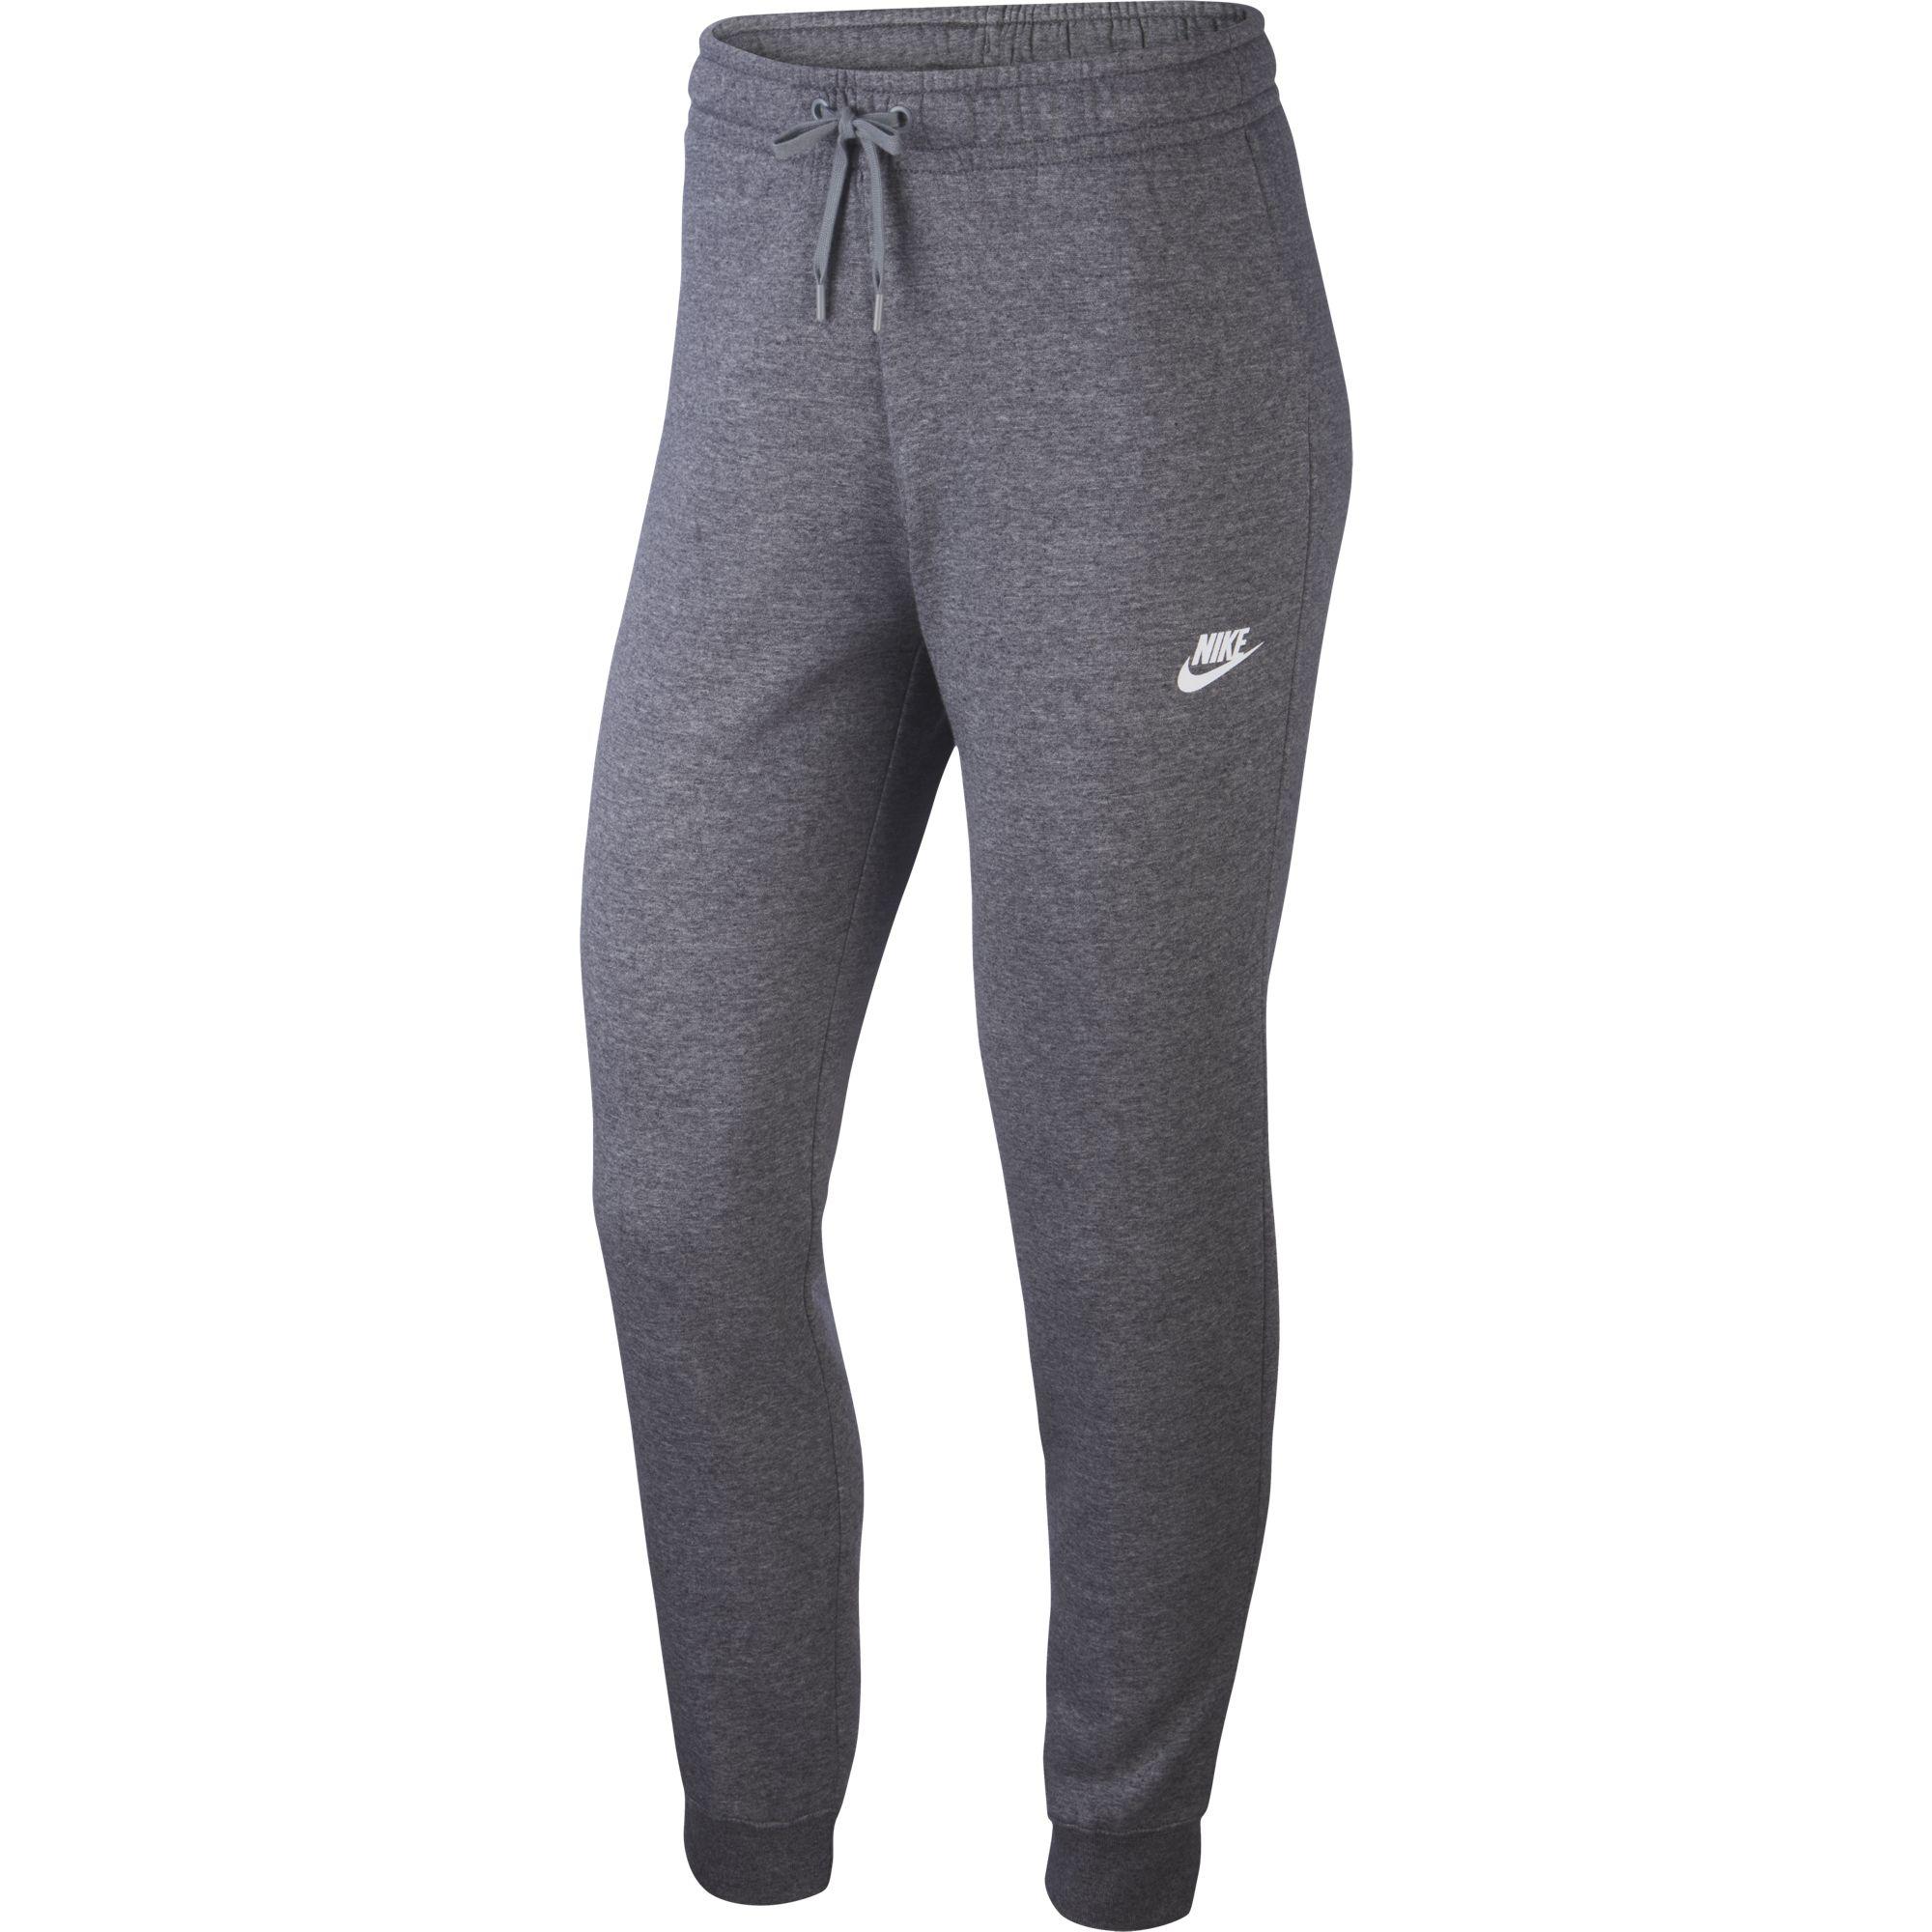 Women's Fleece Knit Sweatpant, Charcoal,Smoke,Steel, swatch